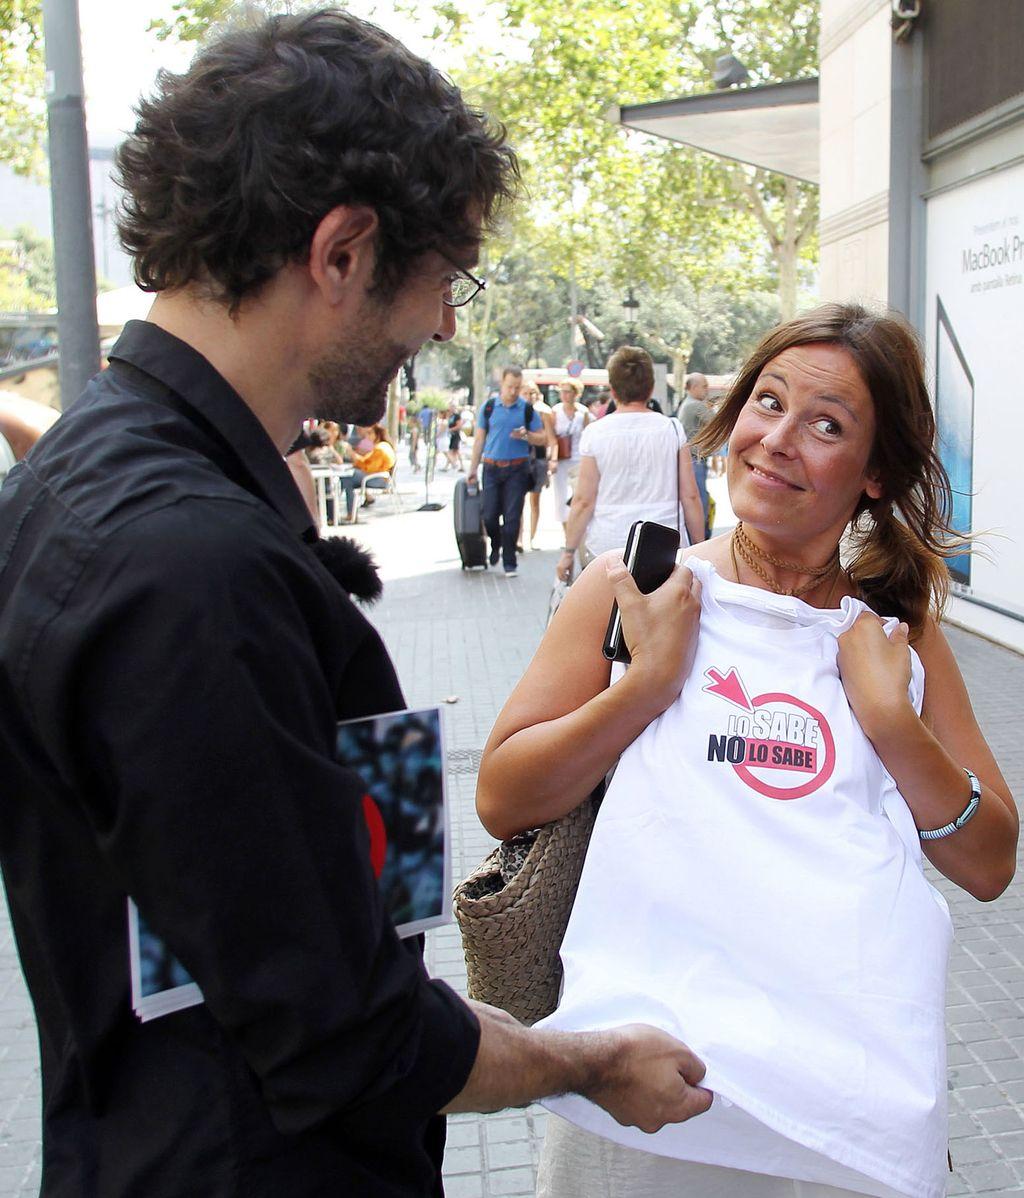 Juanra Bonet llega con 'Lo sabe, no lo sabe'